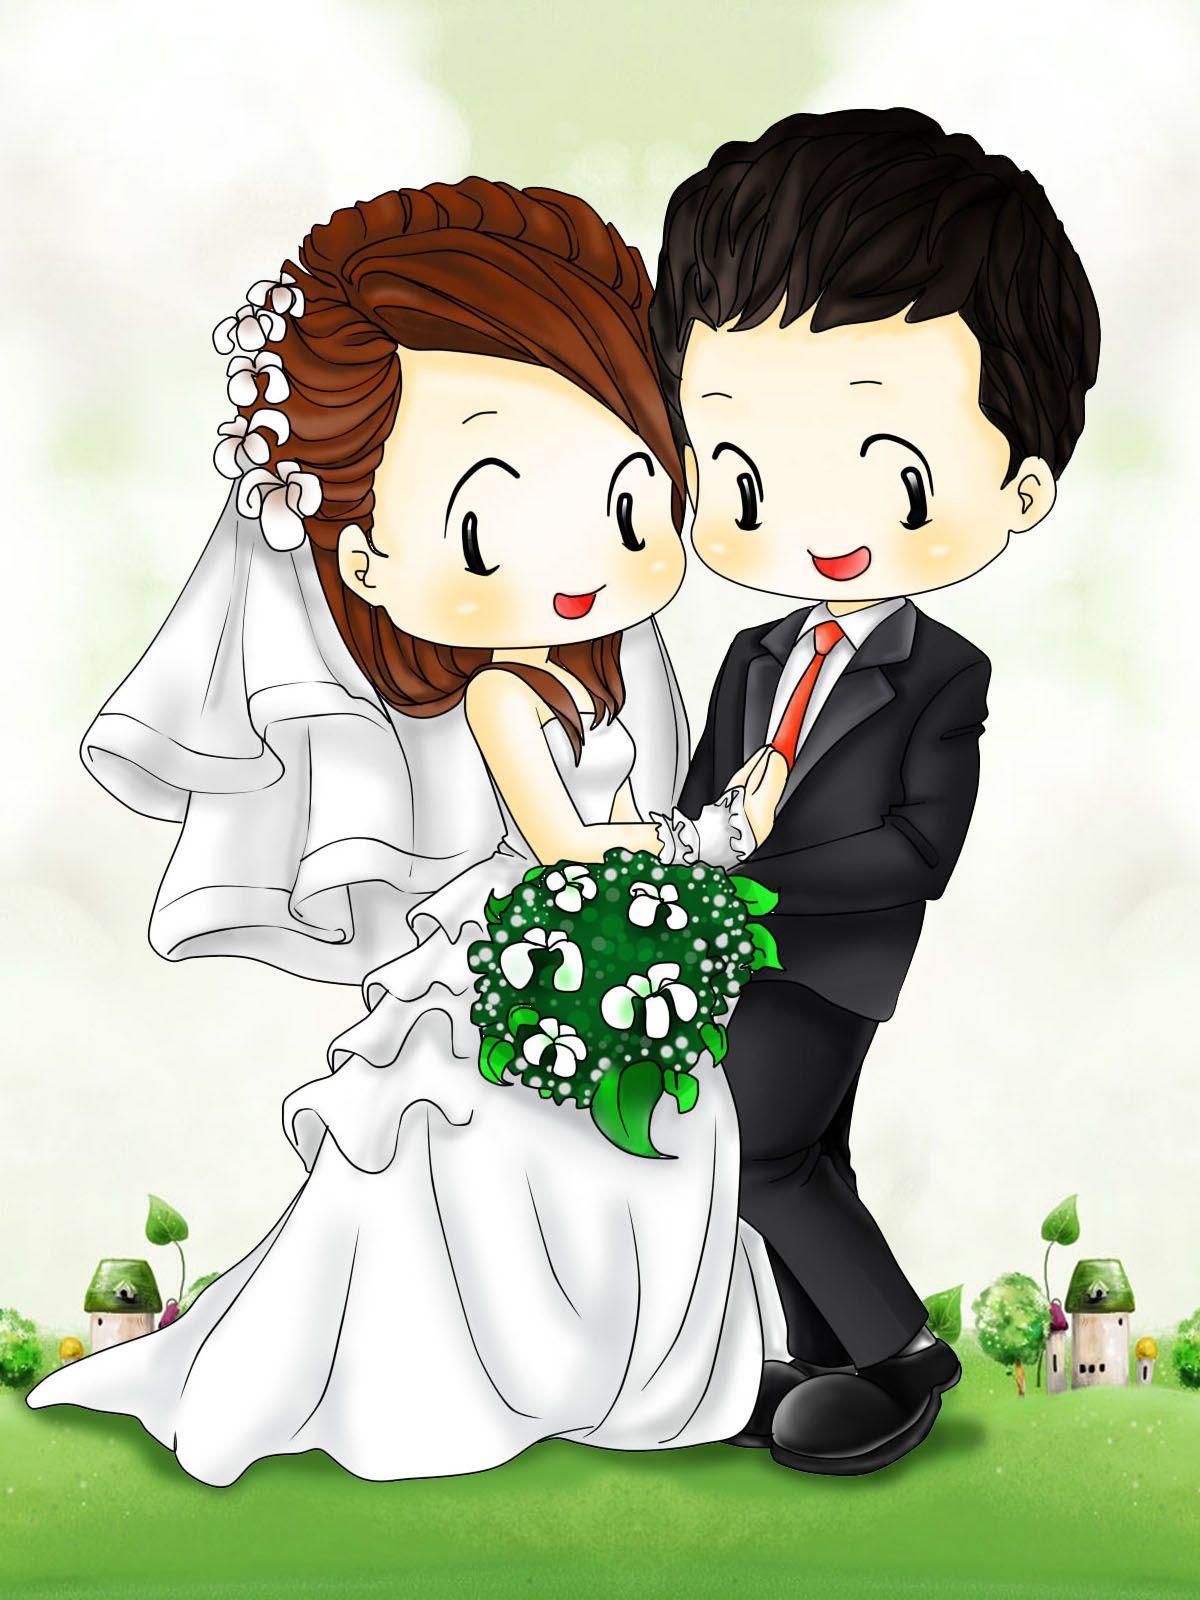 Hình ảnh Chibi dễ thương về tình yêu, cặp đôi đẹp nhất- 4